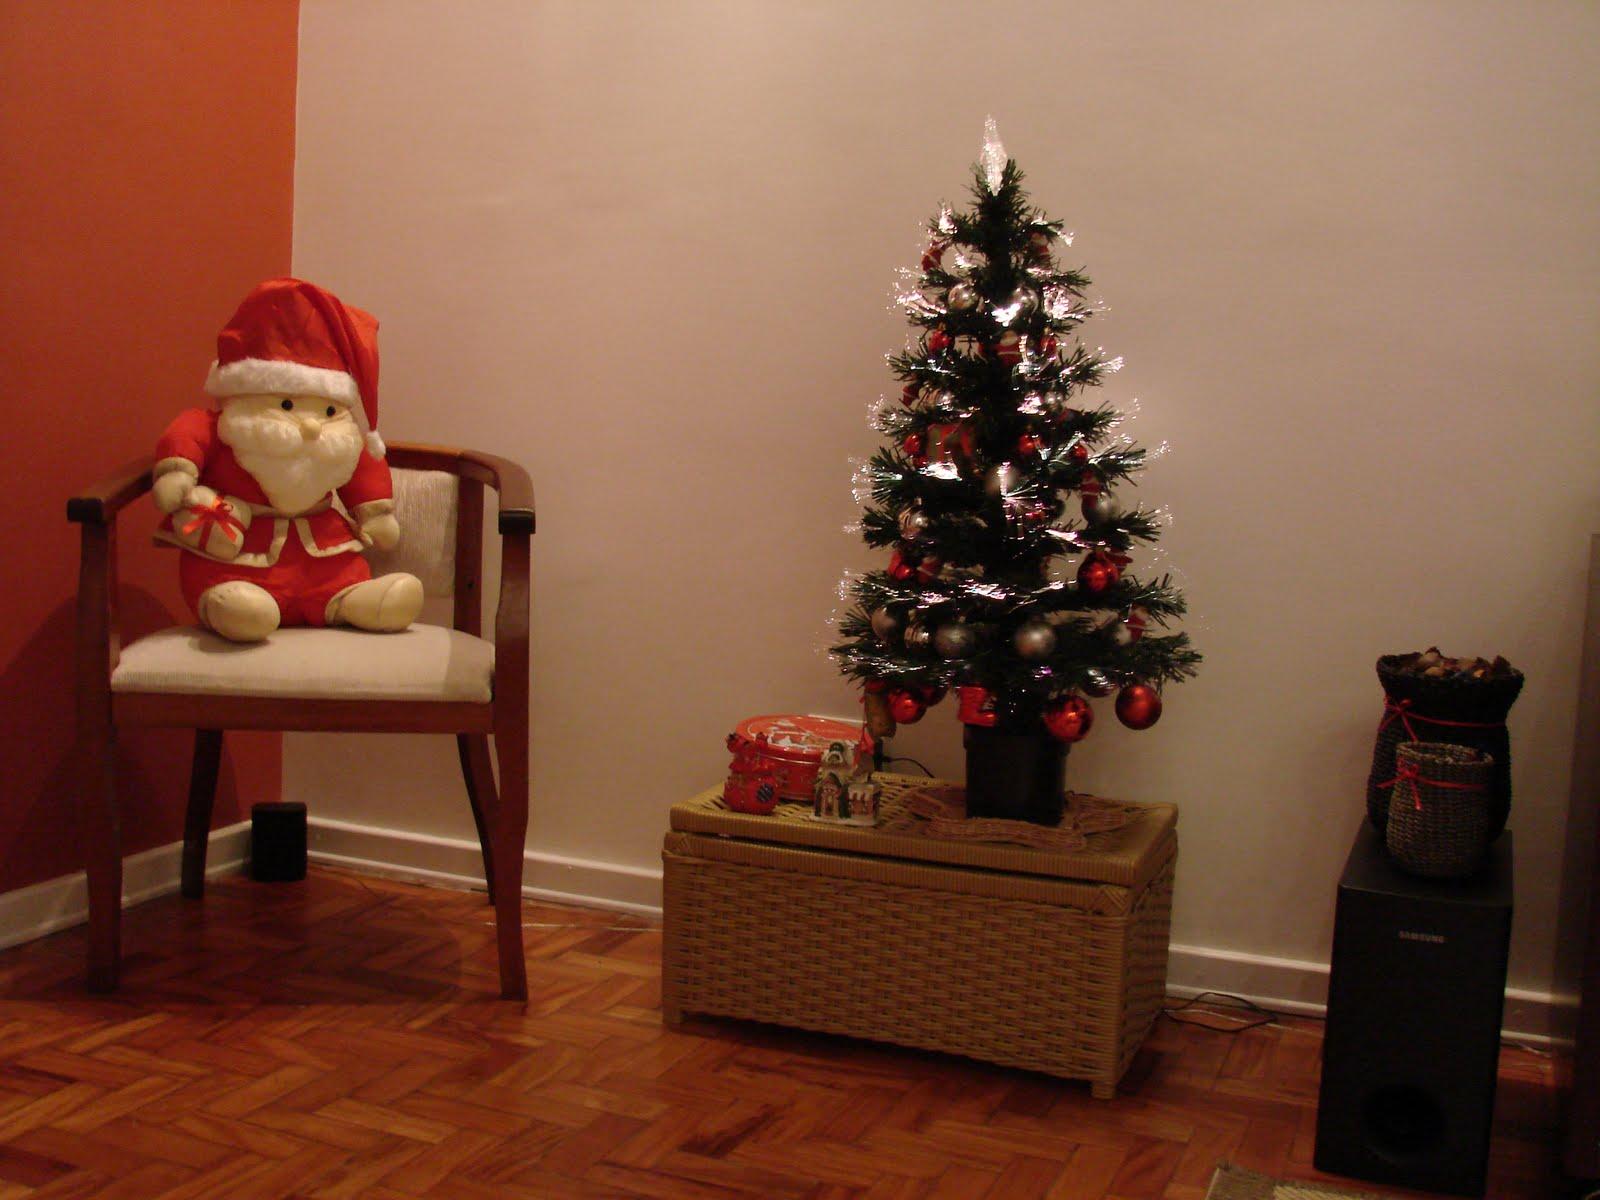 decoracao cozinha natal : decoracao cozinha natal:Ainda falta a decoração da cozinha, banheiro e na porta social!